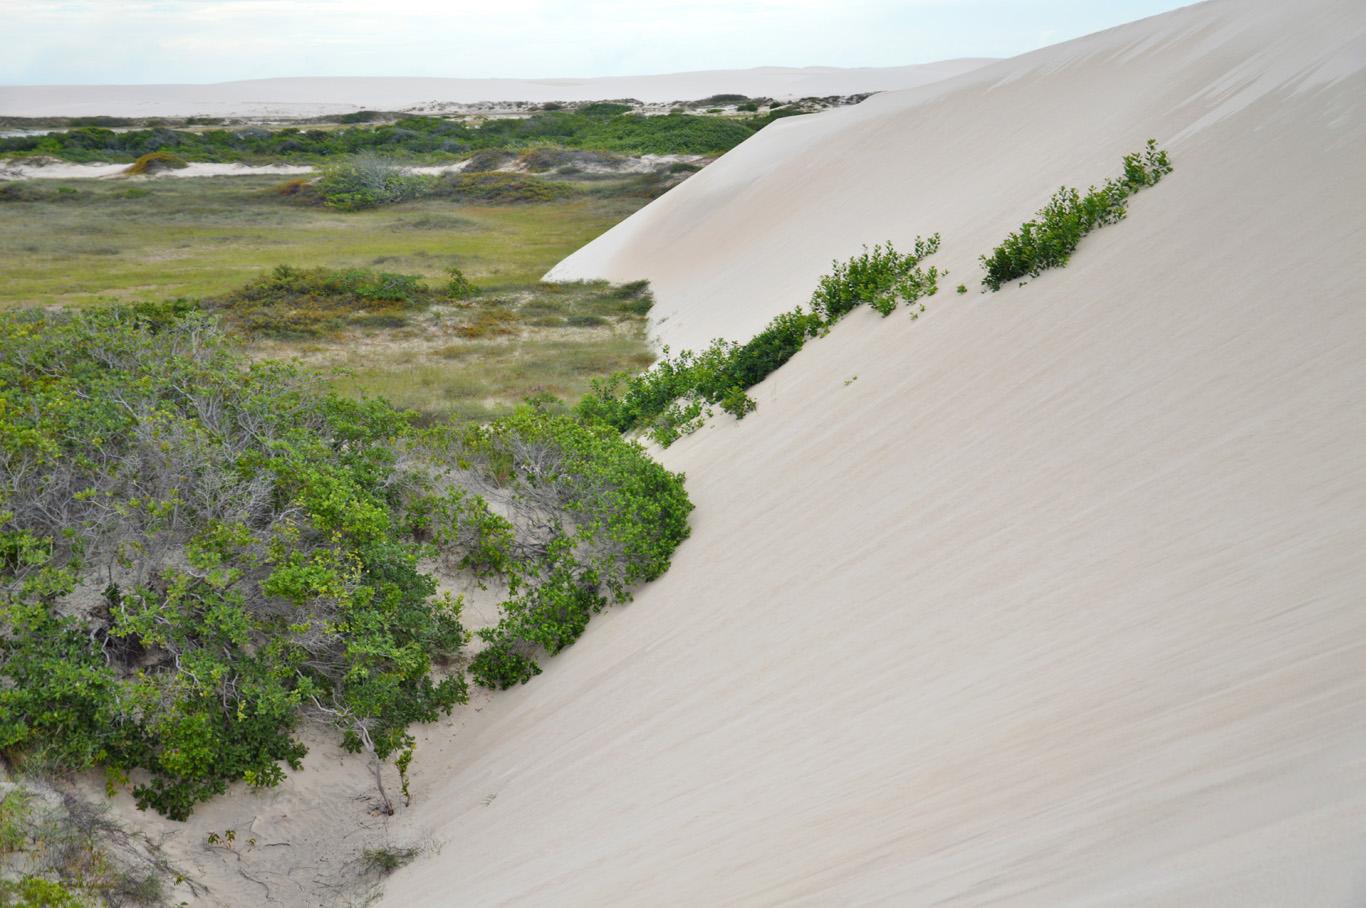 Sand dunes engulfing vegetation